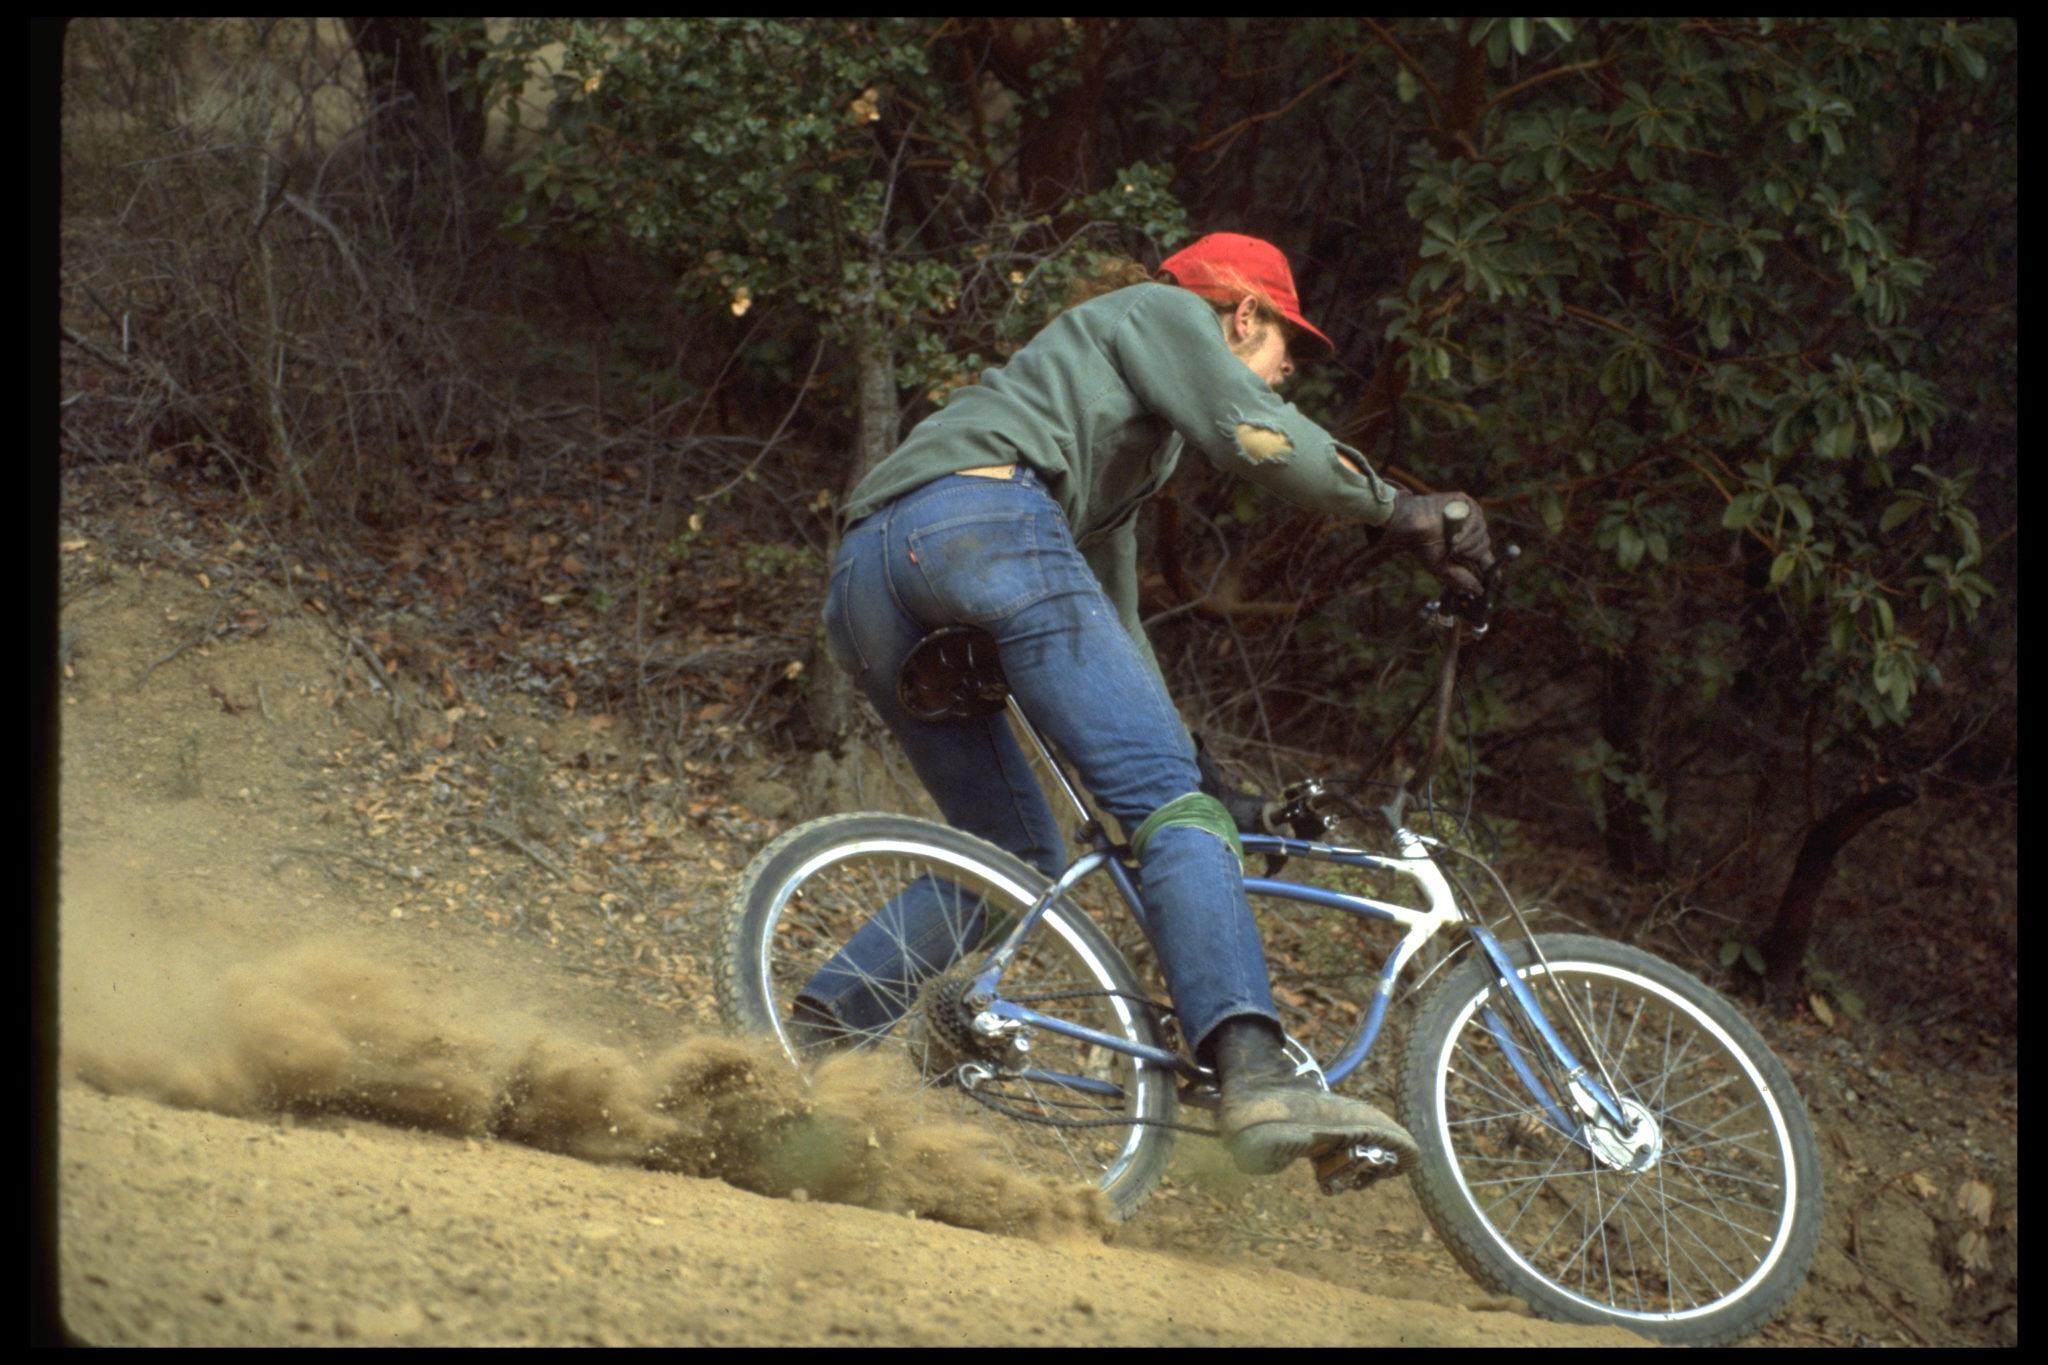 Der Velo-Pionier Charlie Kelly rast 1977 auf einem der ersten Mountain-Bikes den kalifornischen Berg Mount Tamalpais hinunter. Hier wurde auch das weltweit erste Downhill-Rennen veranstaltet.